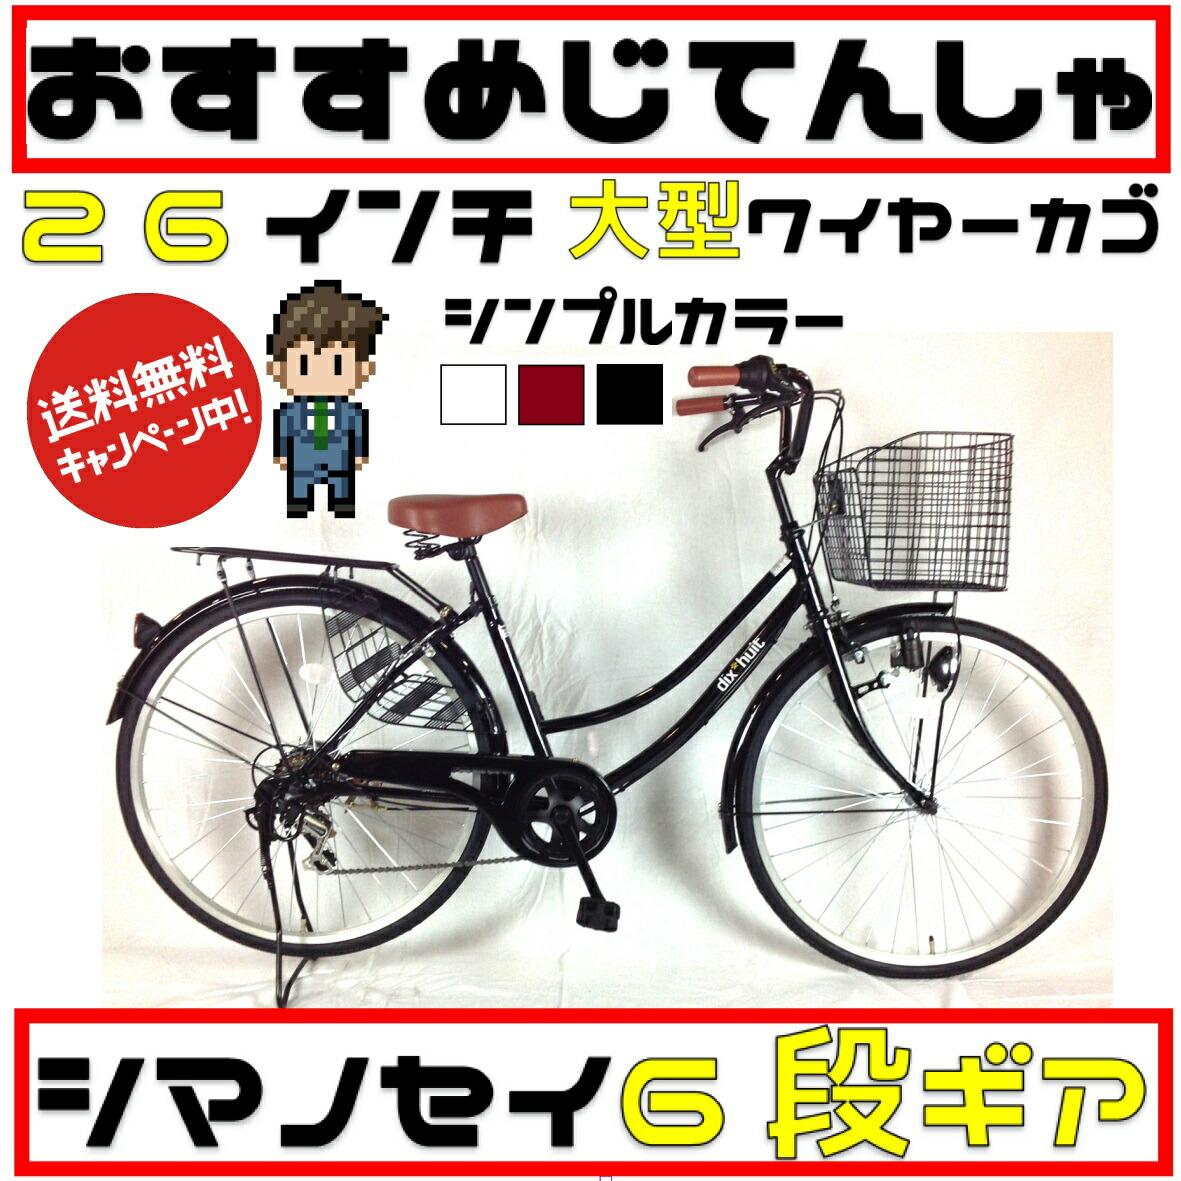 送料無料 自転車 デザインフレームで人気 サントラストママチャリ 軽快車(ママチャリ)自転車(ブラック/黒色) dixhuit6段変速ギアフレーム 26インチ ギア付 鍵付